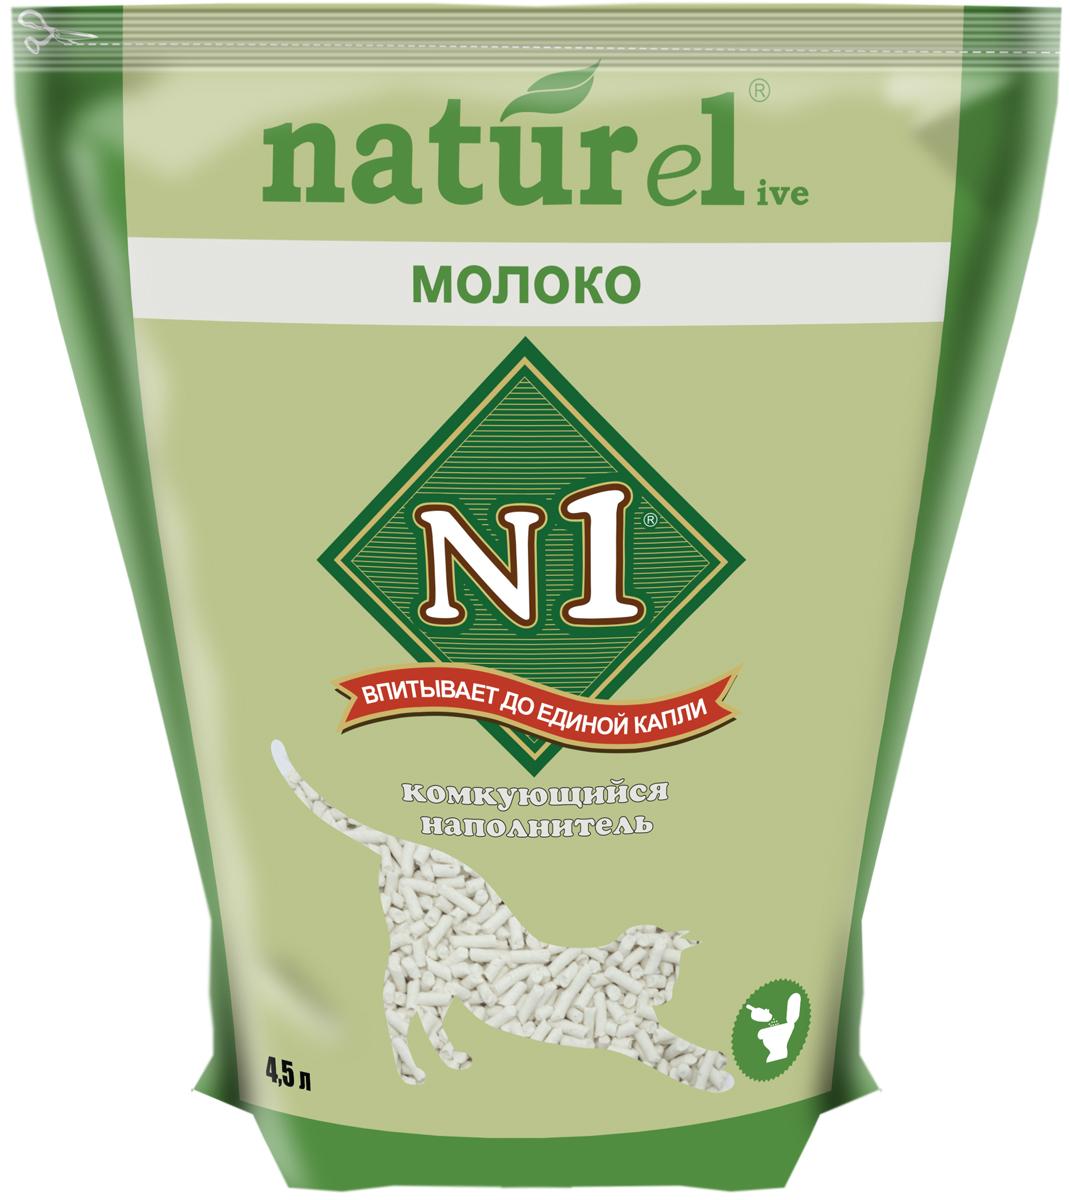 """Наполнитель для кошачьего туалета №1 """"Naturel. Молоко"""", комкующийся, 4,5 л"""